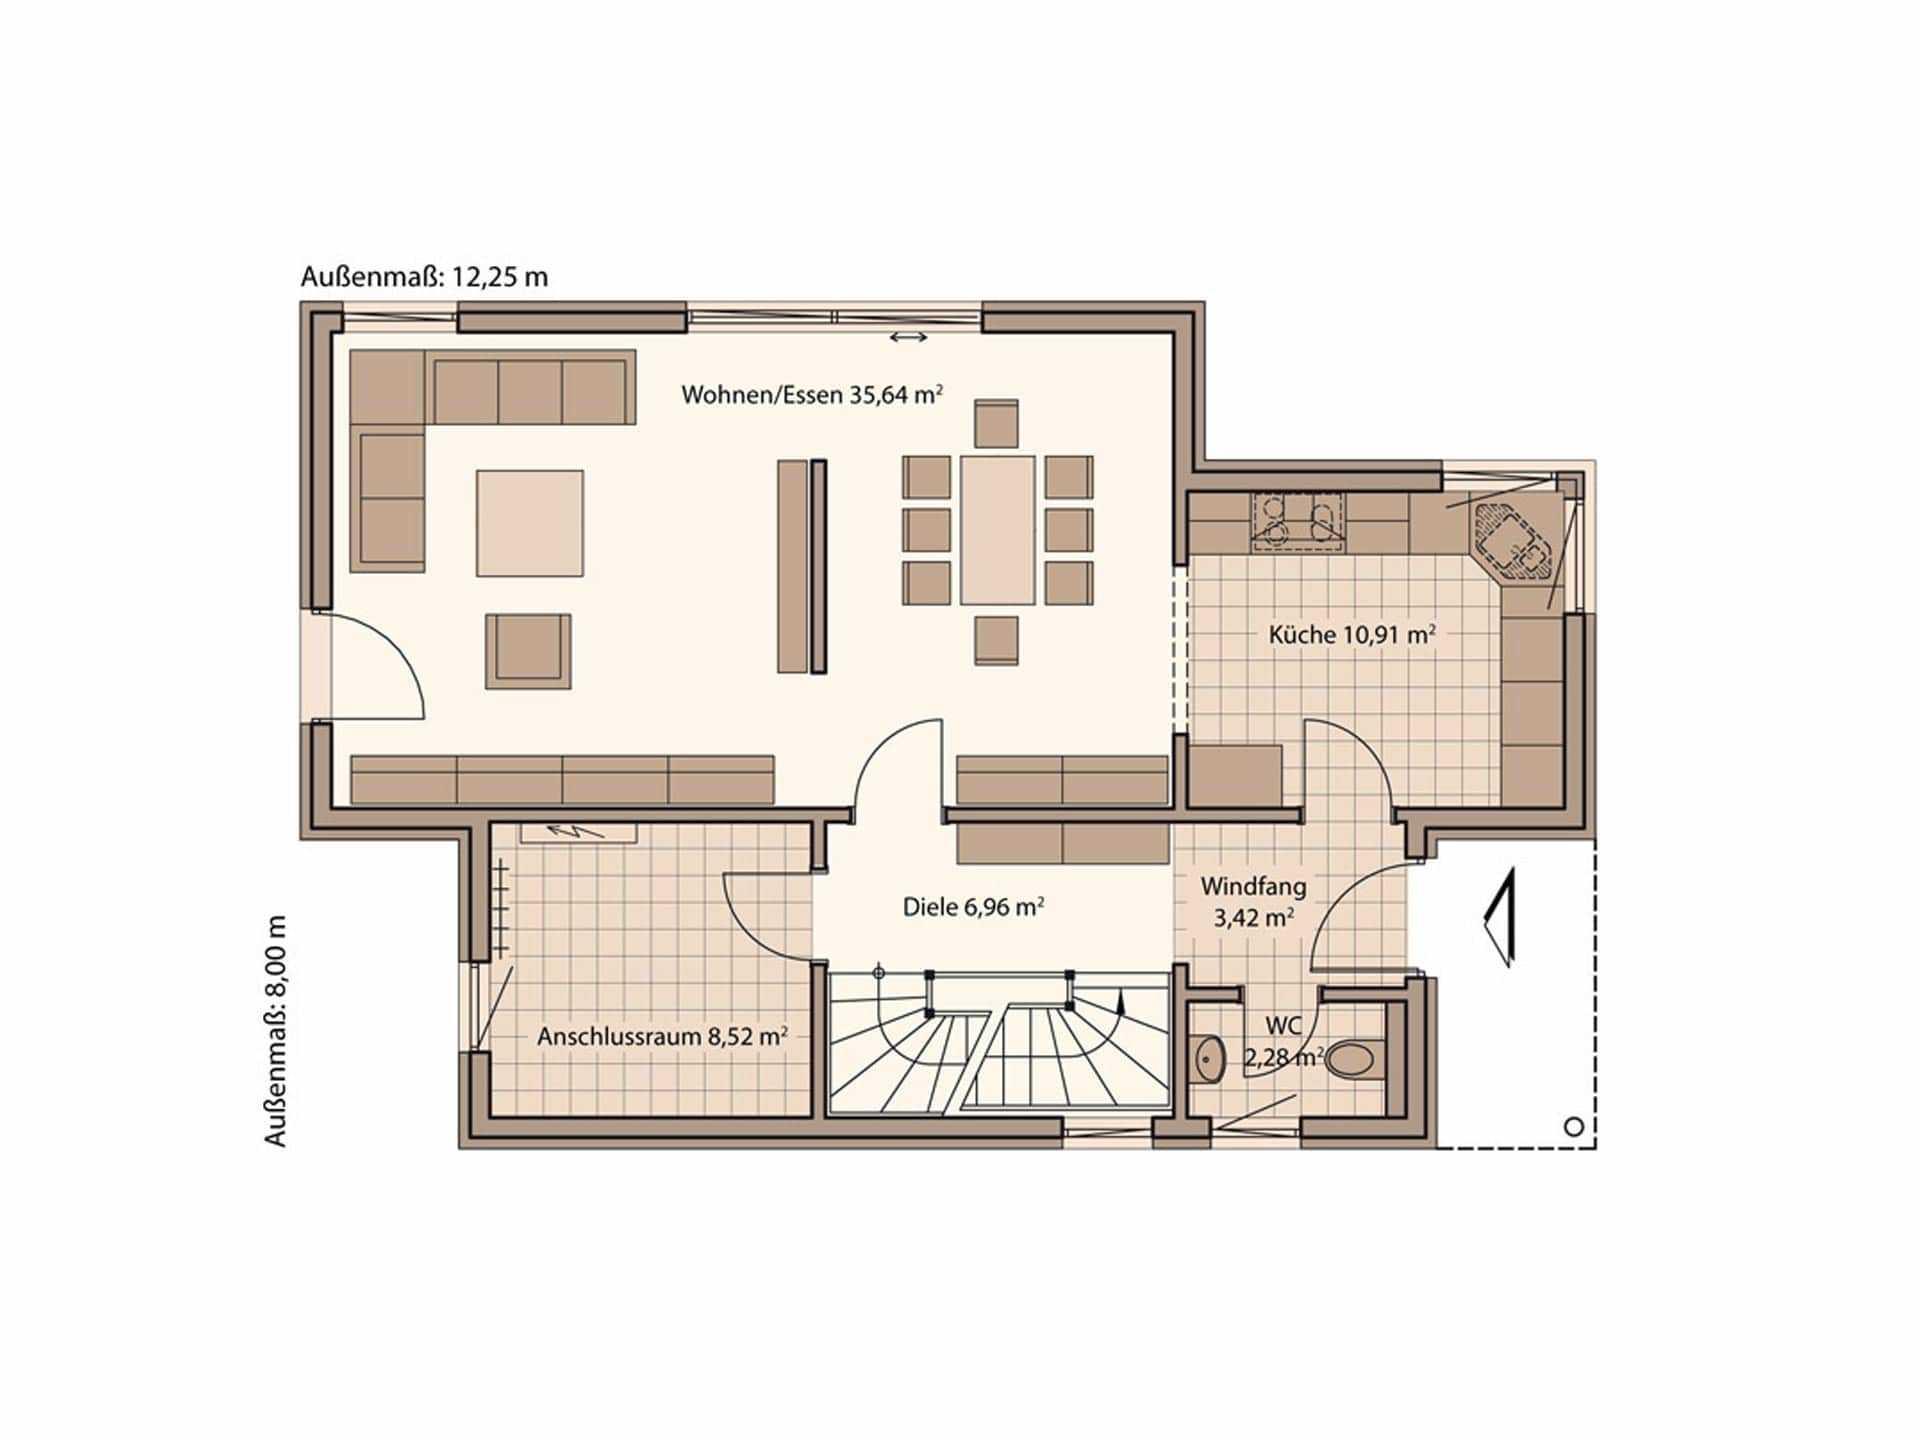 Pultdachhaus bauen informationen und erfahrungen for Grundriss eingang seitlich